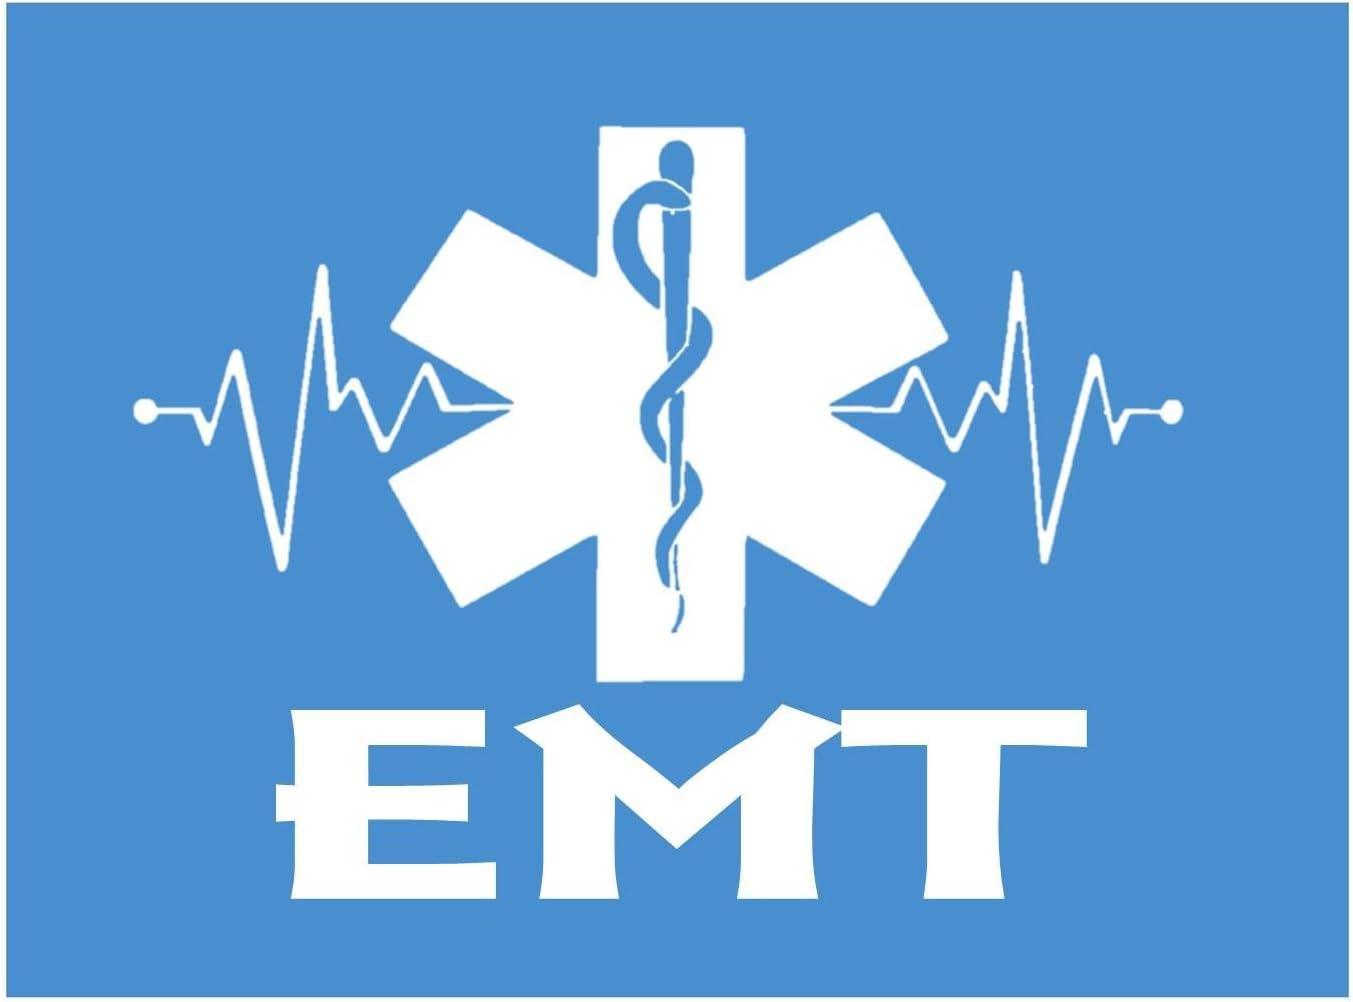 18 Wood EMT EMS Star of Life Monogram Laser Cutout Shape Unfinished